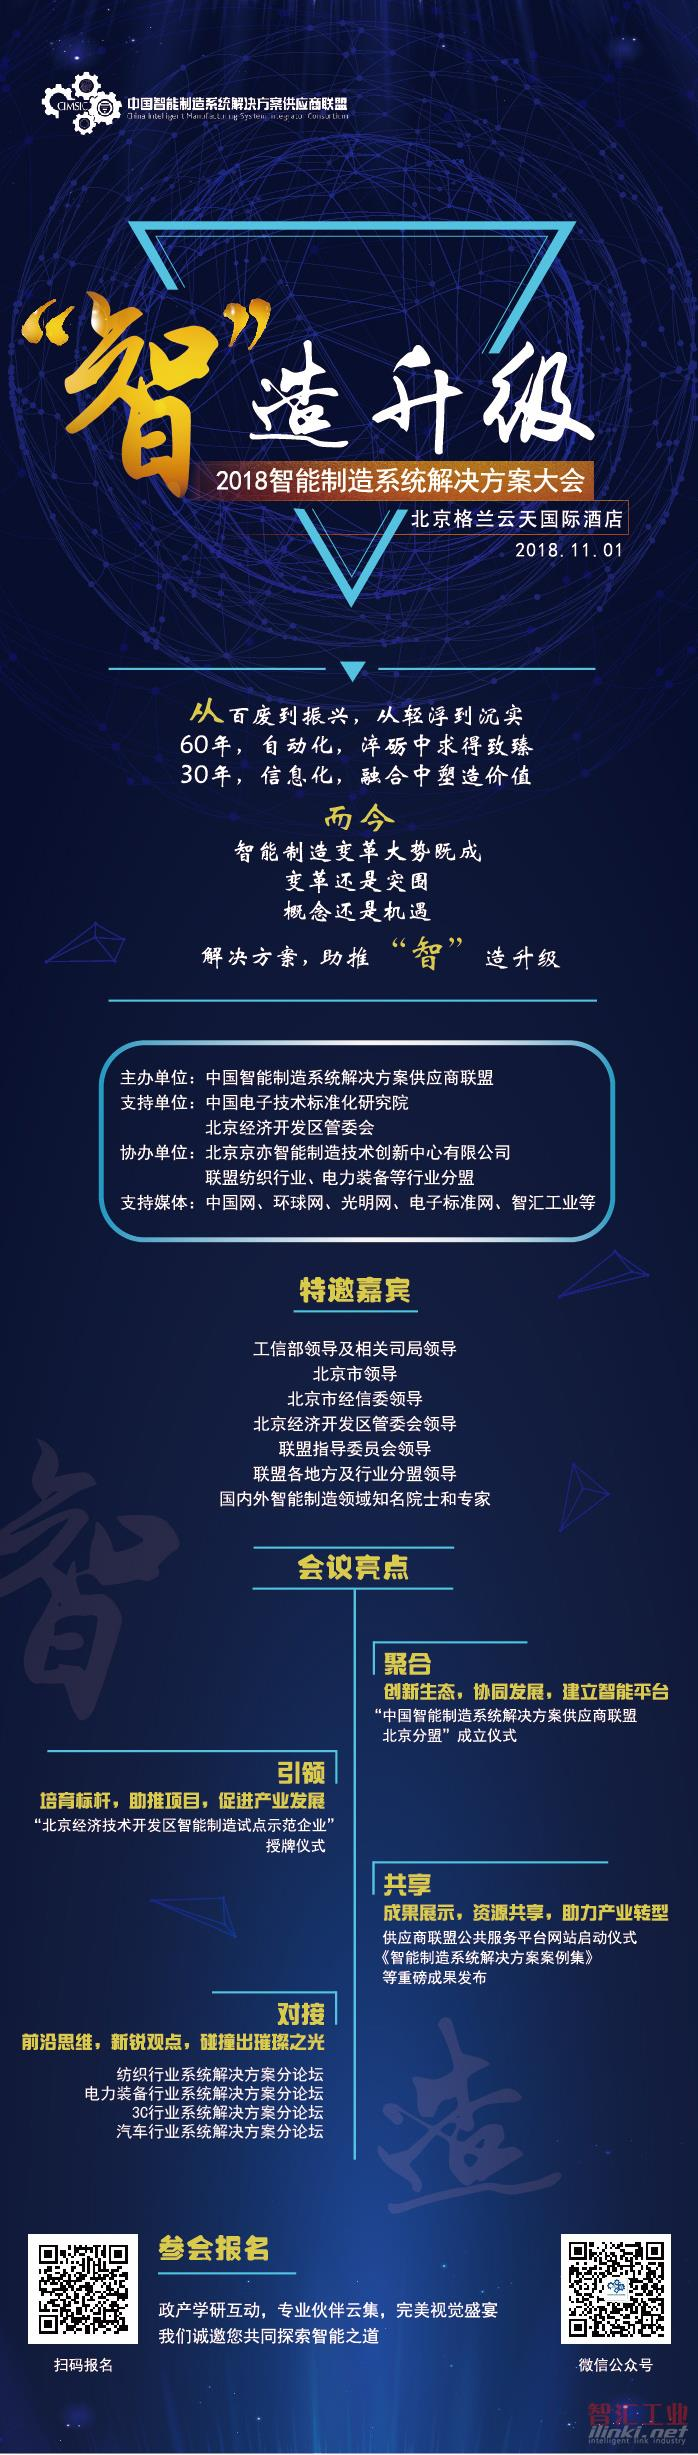 """""""2018中国智能制造系统解决方案大会""""将于11月1日在北京召开"""